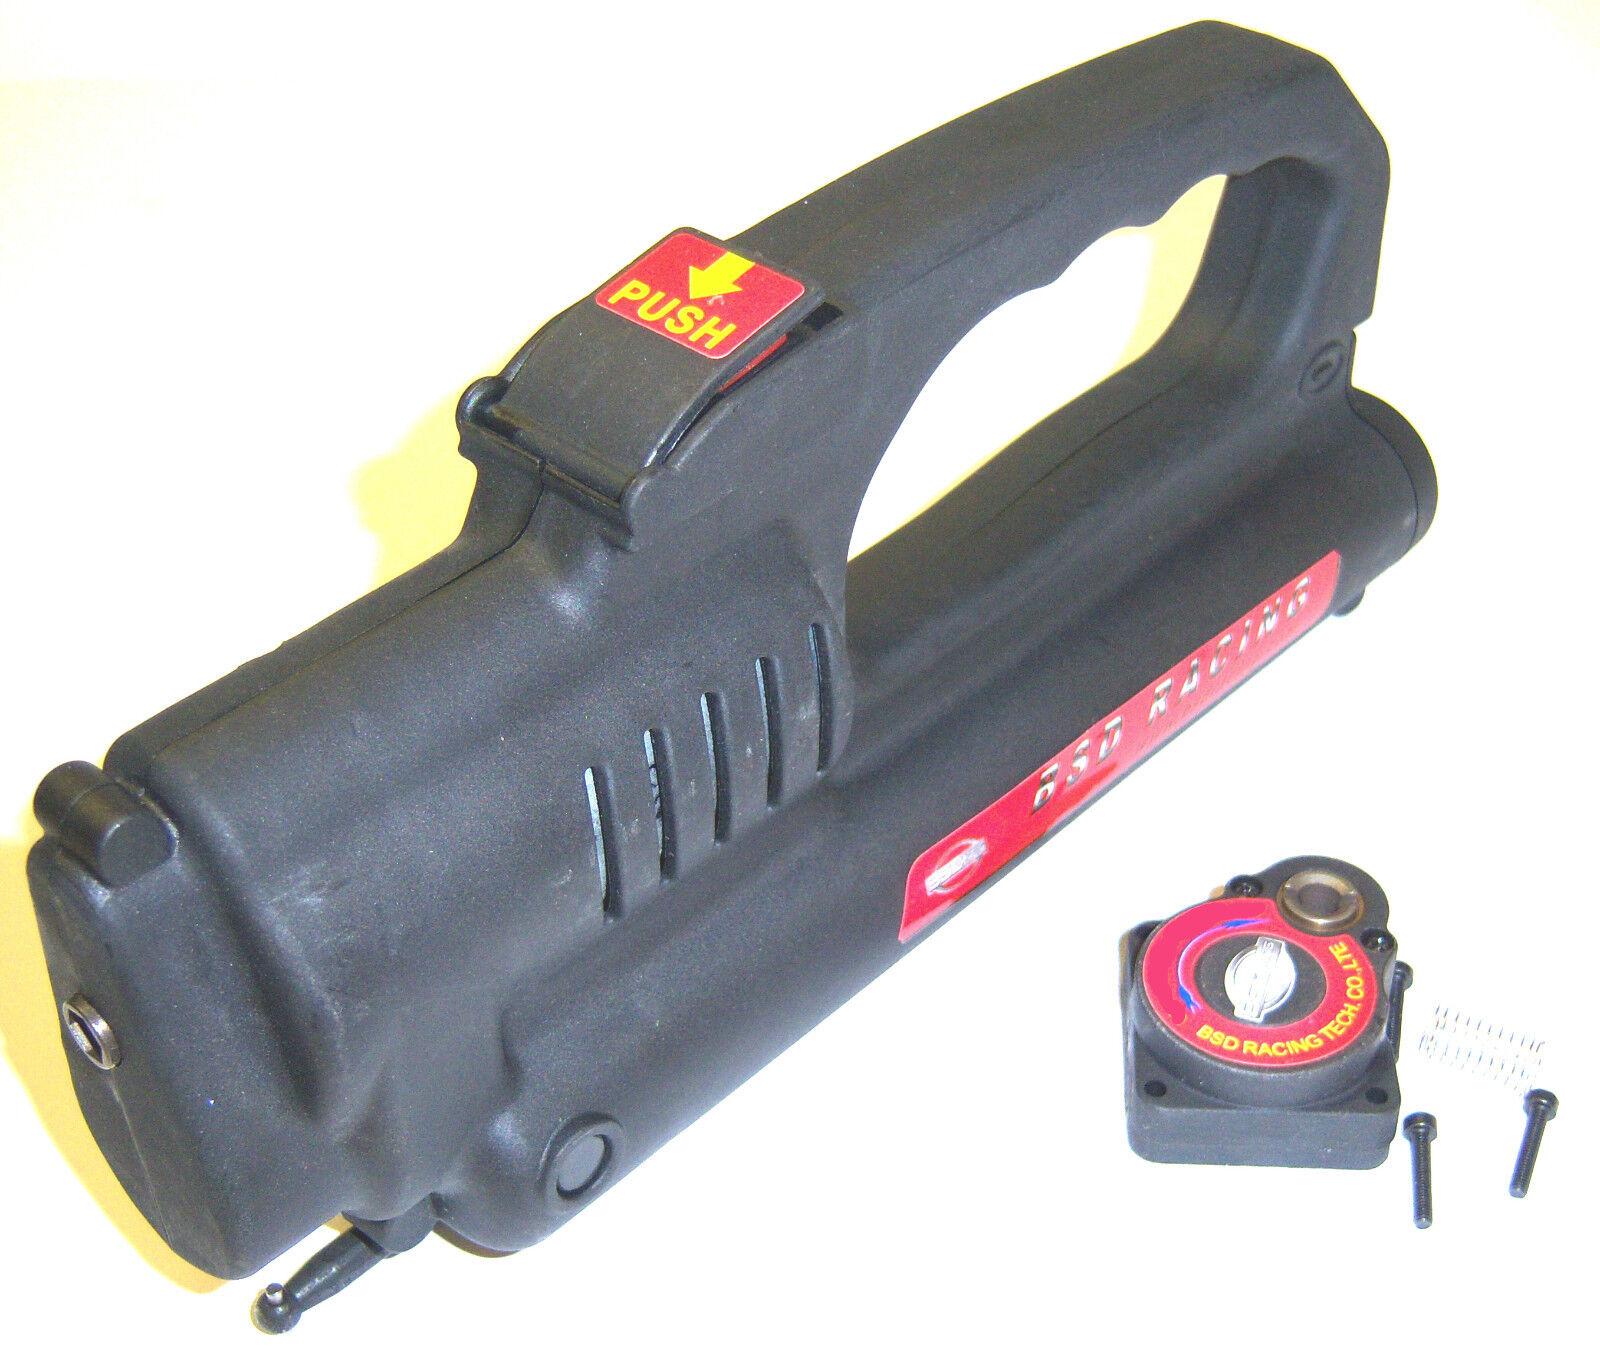 Électrique redo Manuel Démarrage Kit Kit Kit Nitro Rc Outil 11011 12mm 1 10 Echelle 40633d